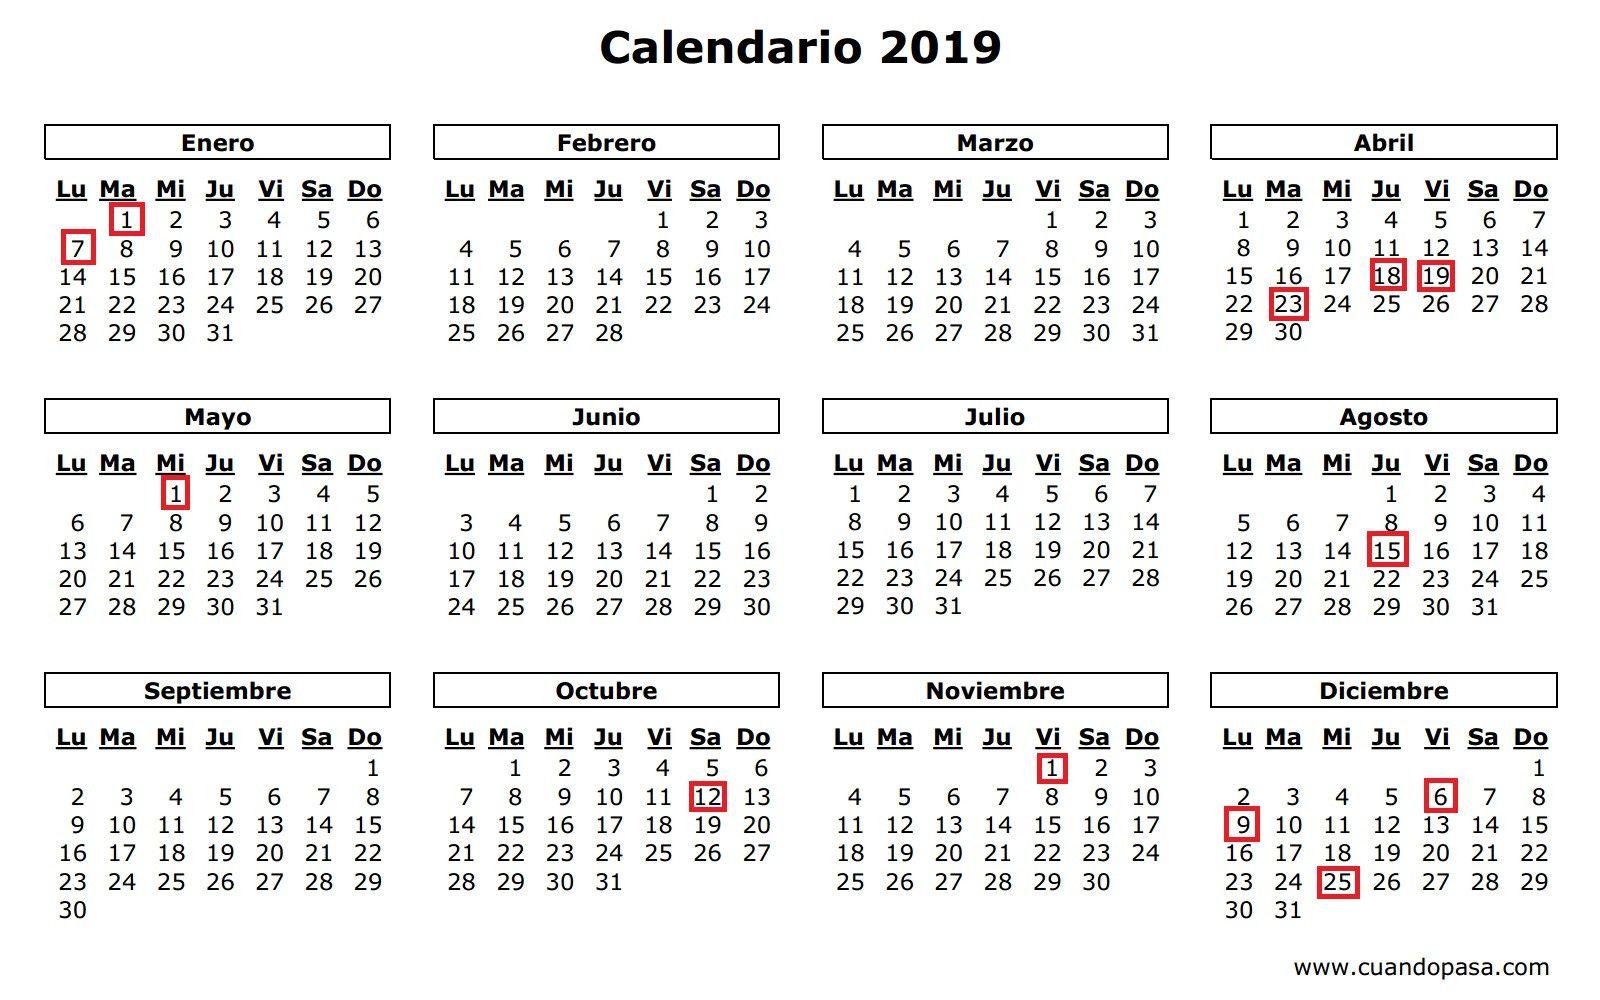 Calendario Laboral Ceuta 2019.El Calendario Laboral De 2019 Recoge 12 Dias Festivos Solo 8